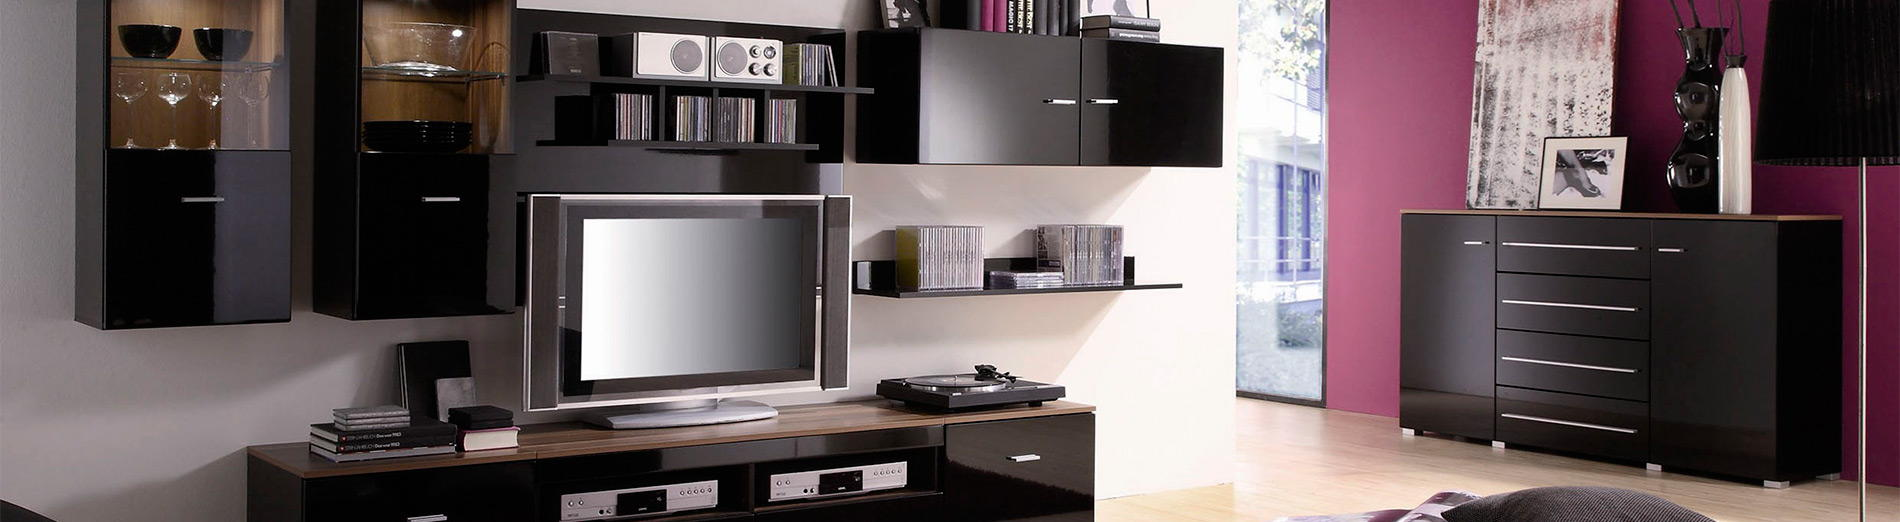 Современная мебель по доступной цене!